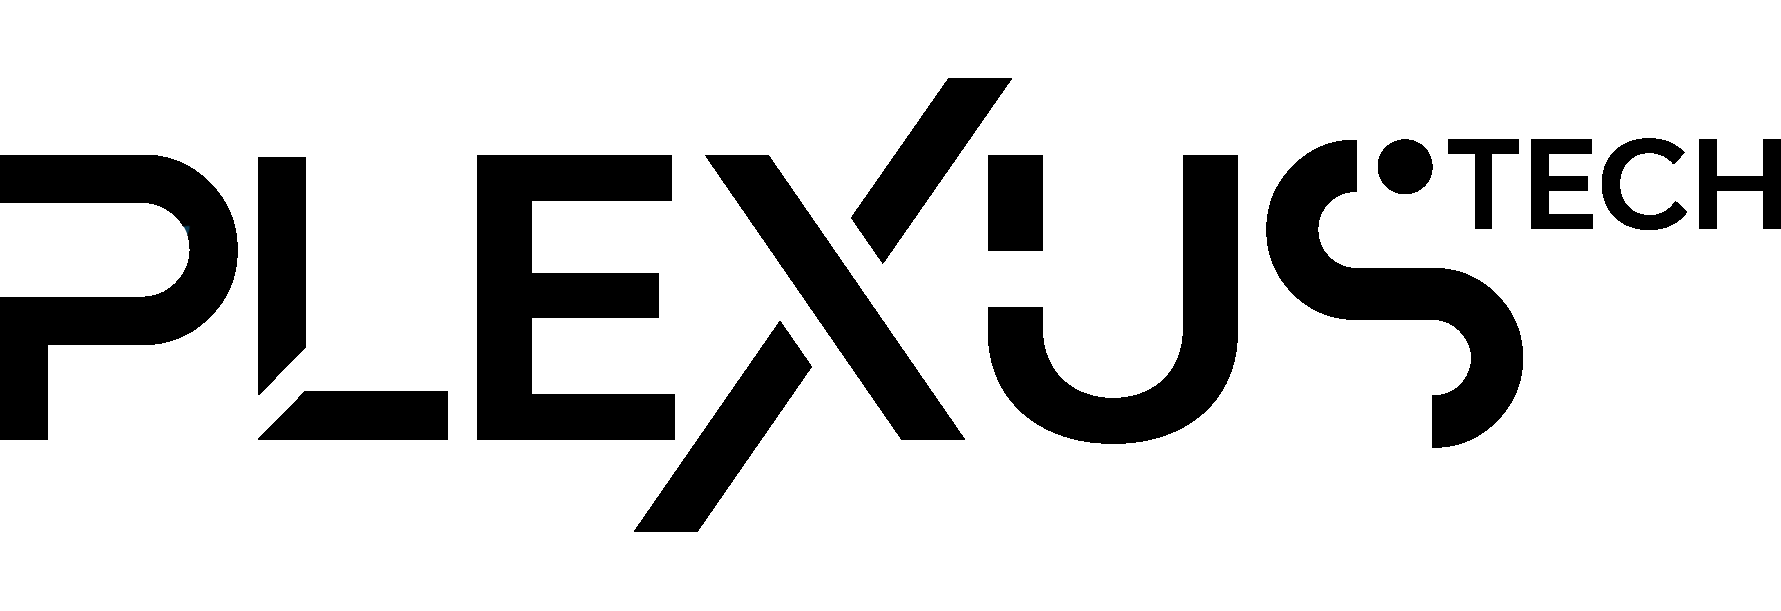 Logotipo de la compañía Plexus.